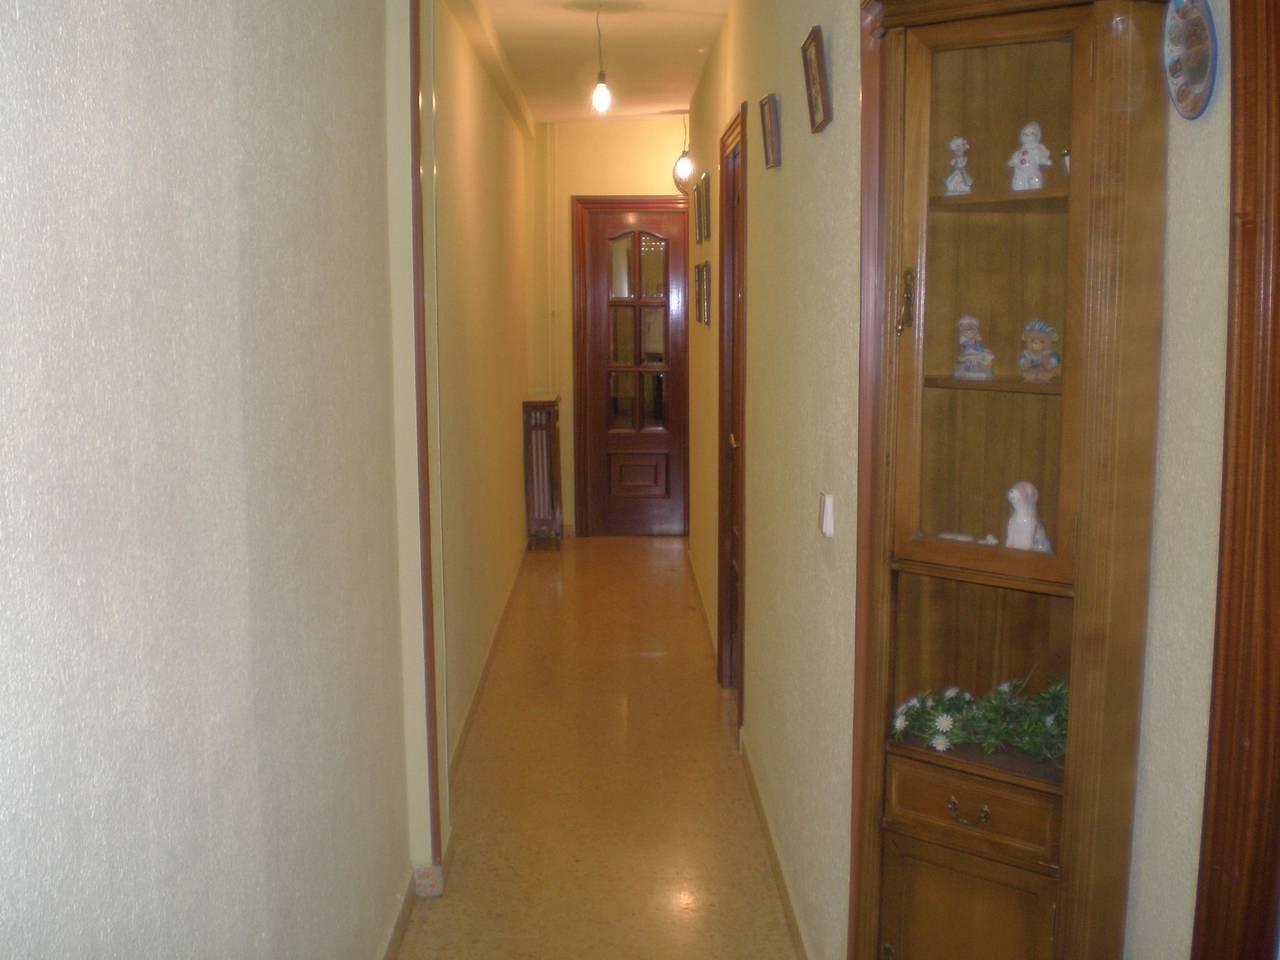 en soria se alquilan una habitacion en piso compartido  - Foto 5